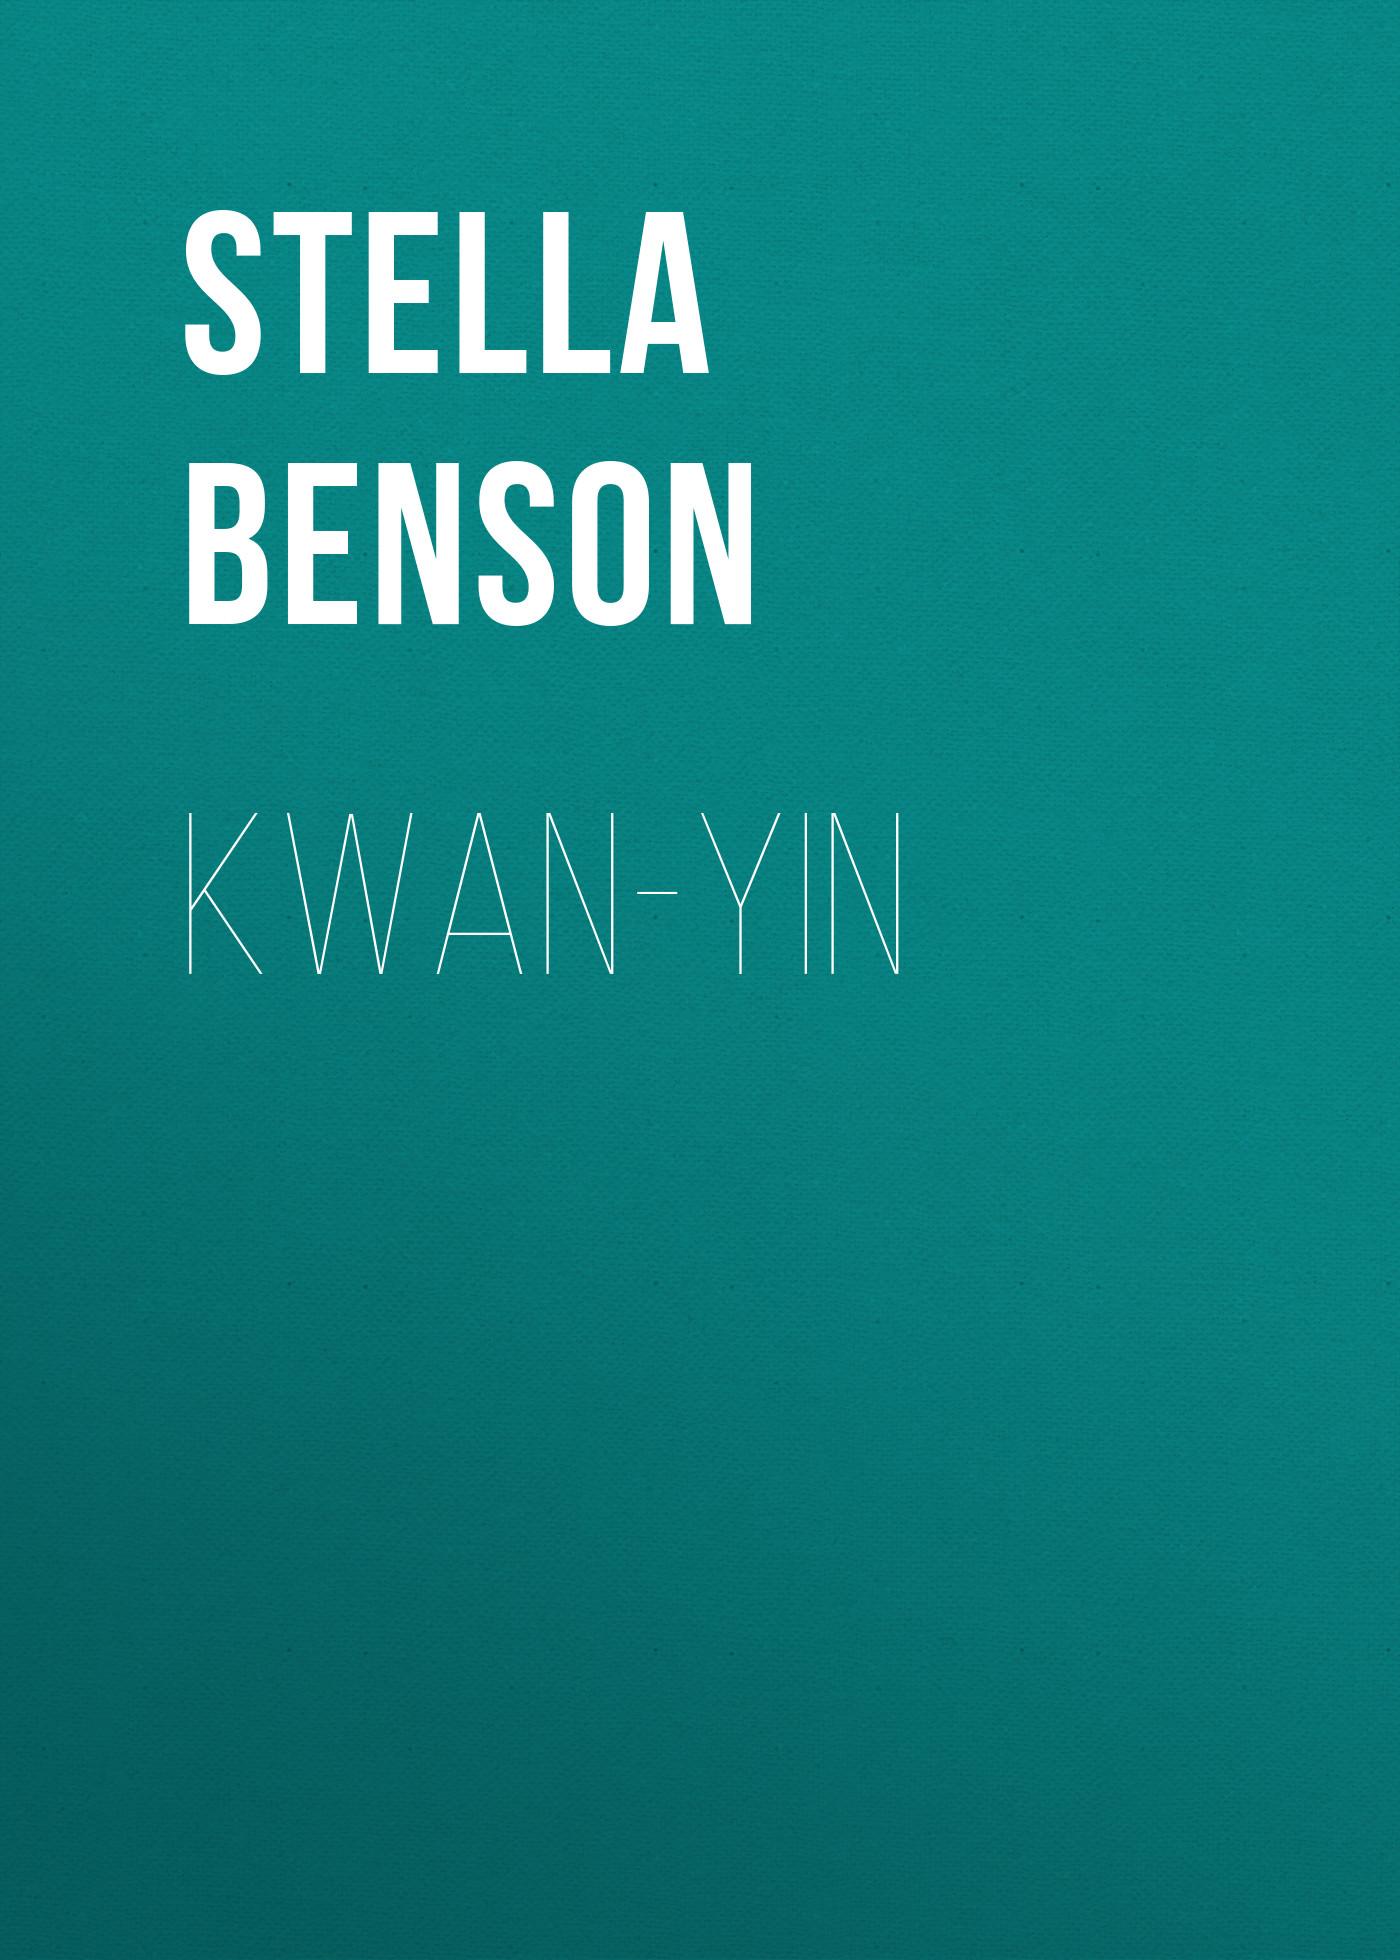 Benson Stella Kwan-yin